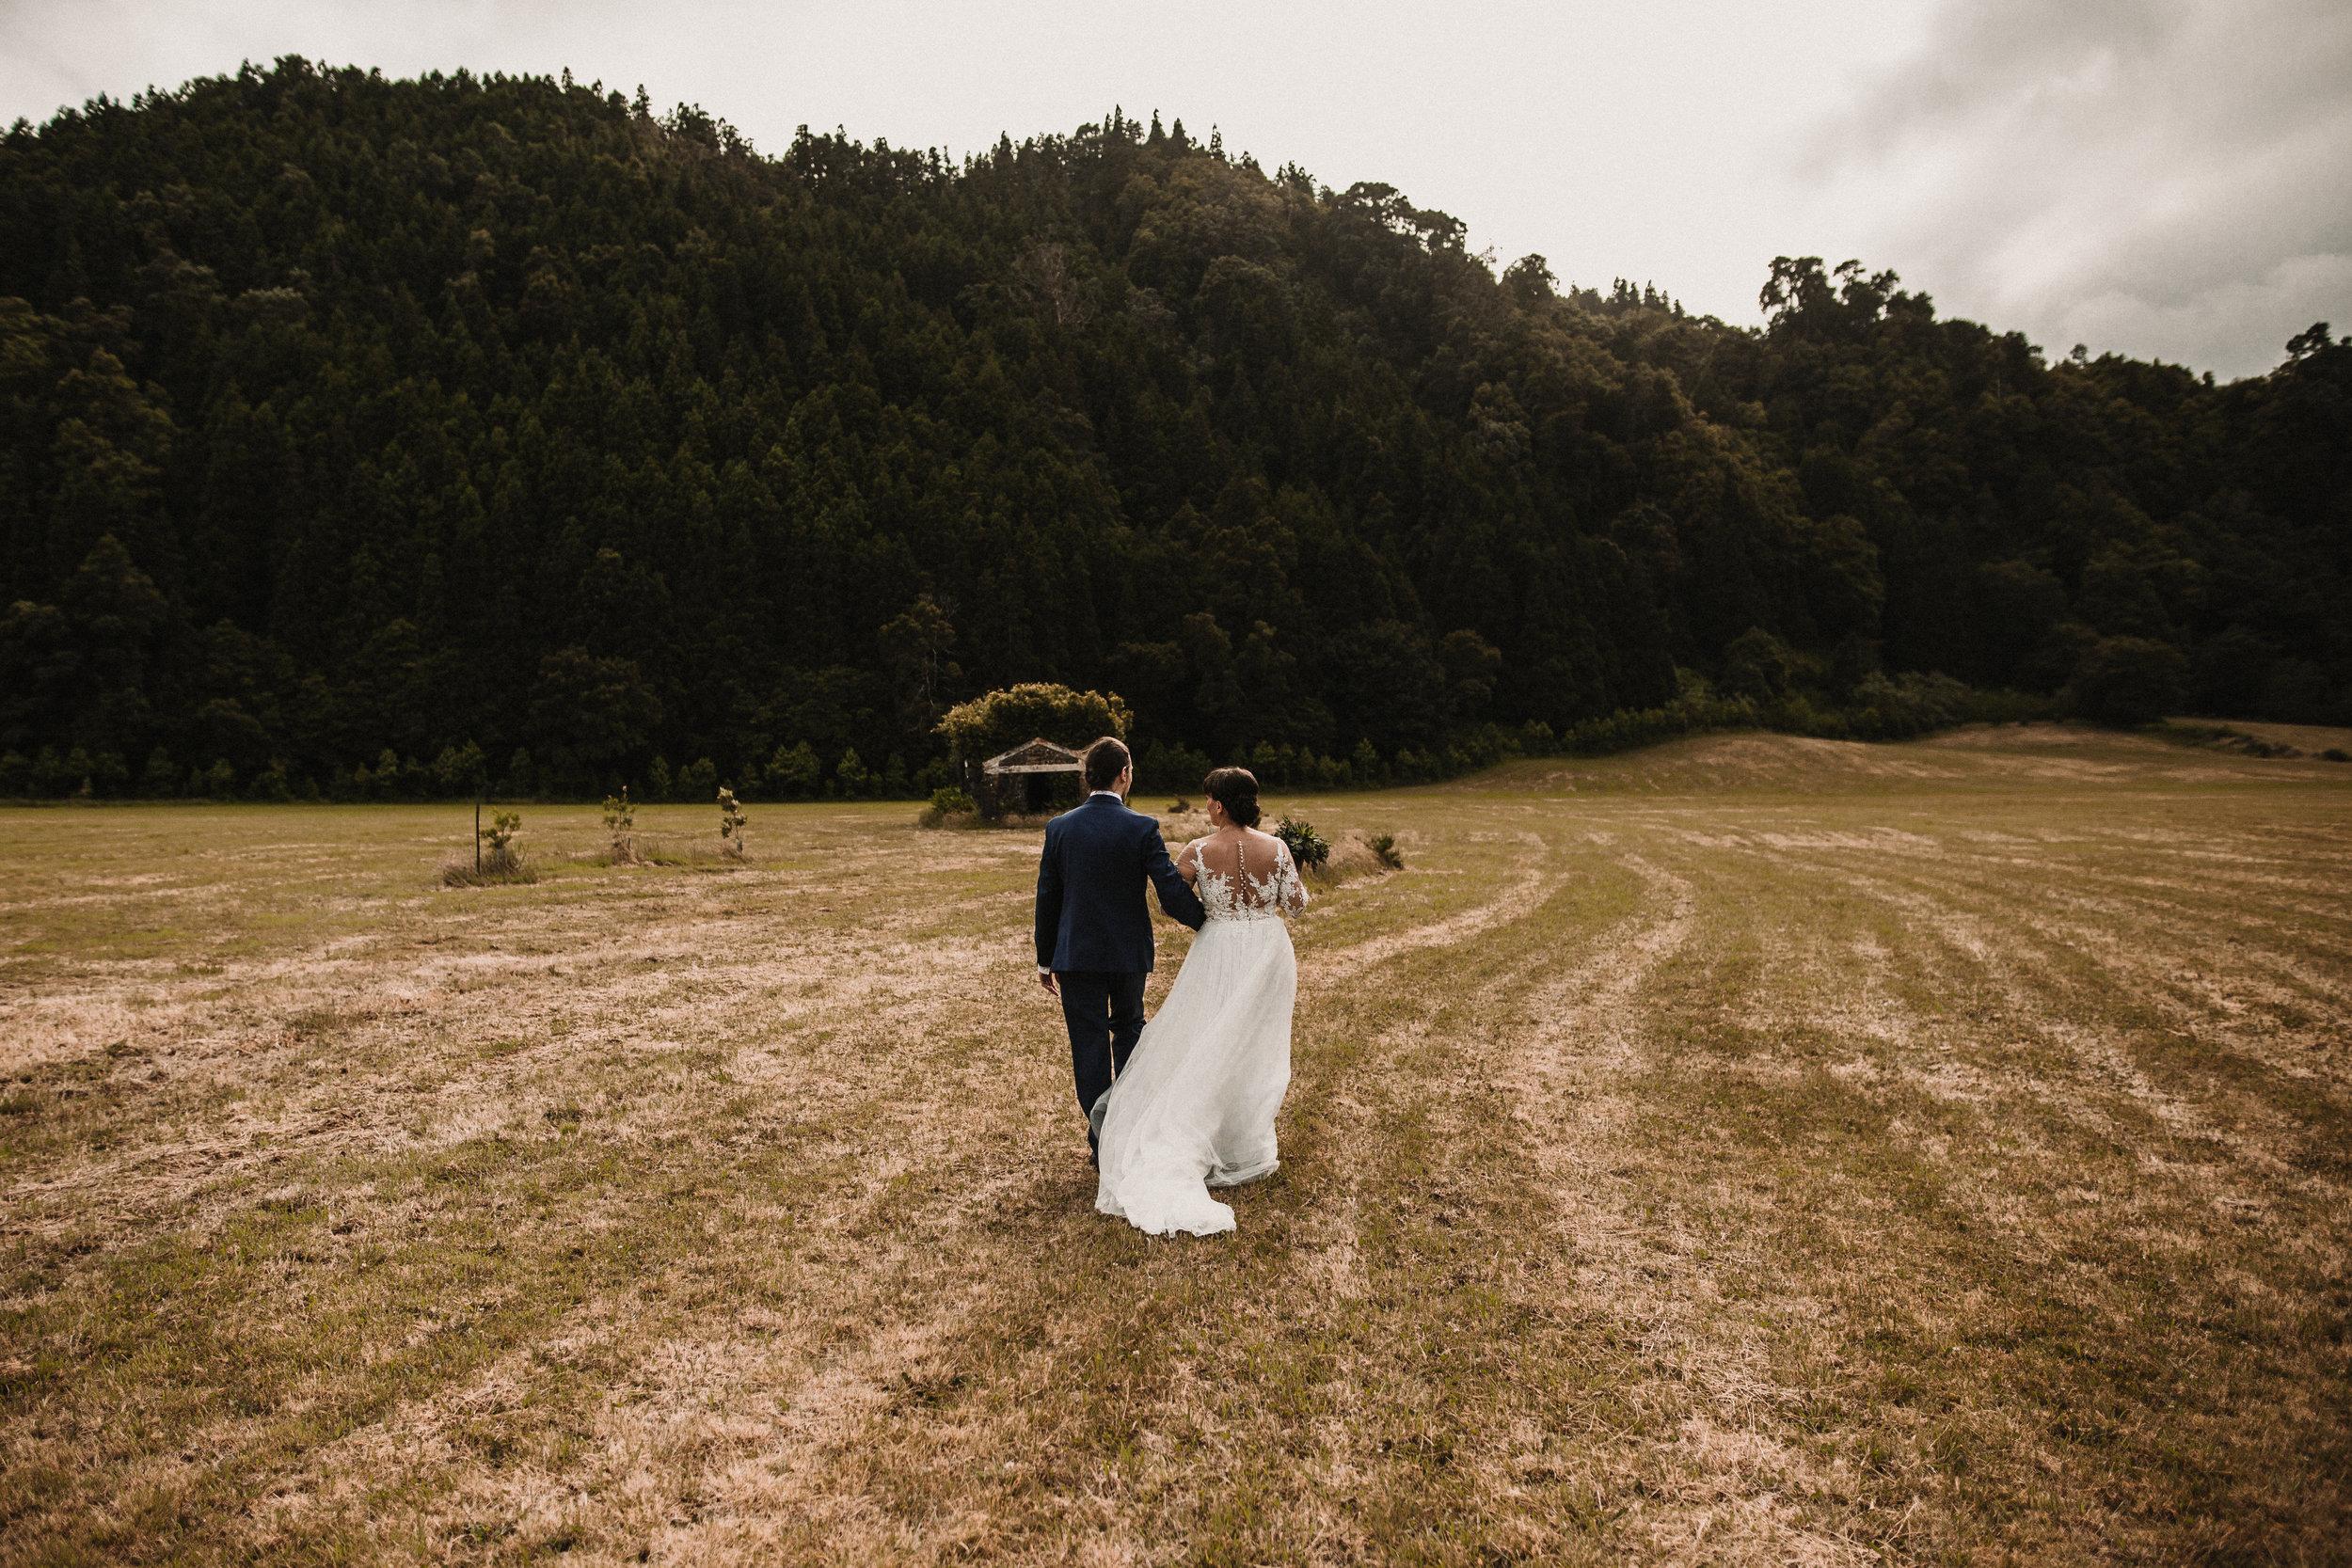 S&E_481_ 30_junho_2018 WEDDING_DAY.jpg